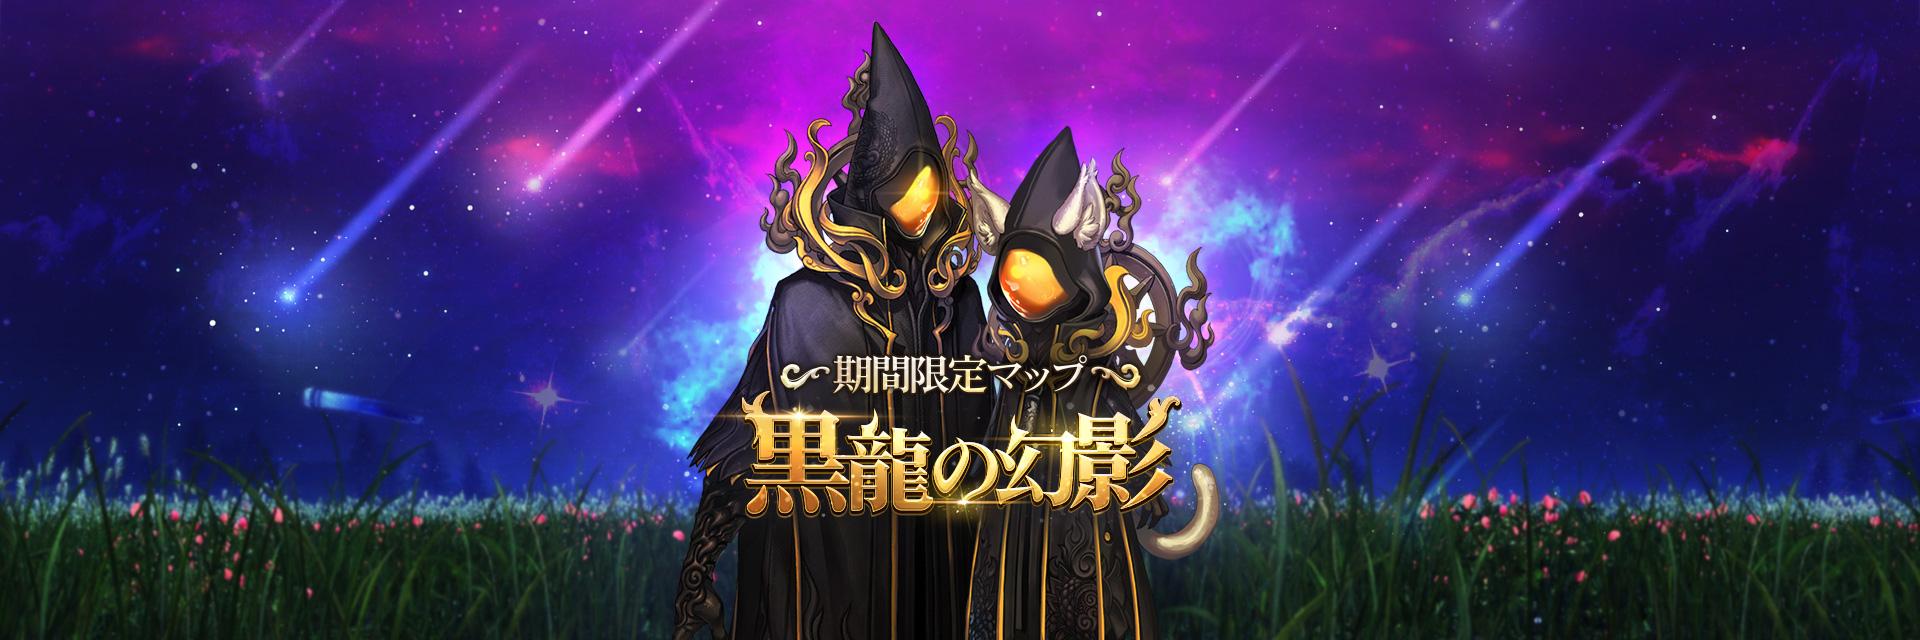 黒龍の幻影